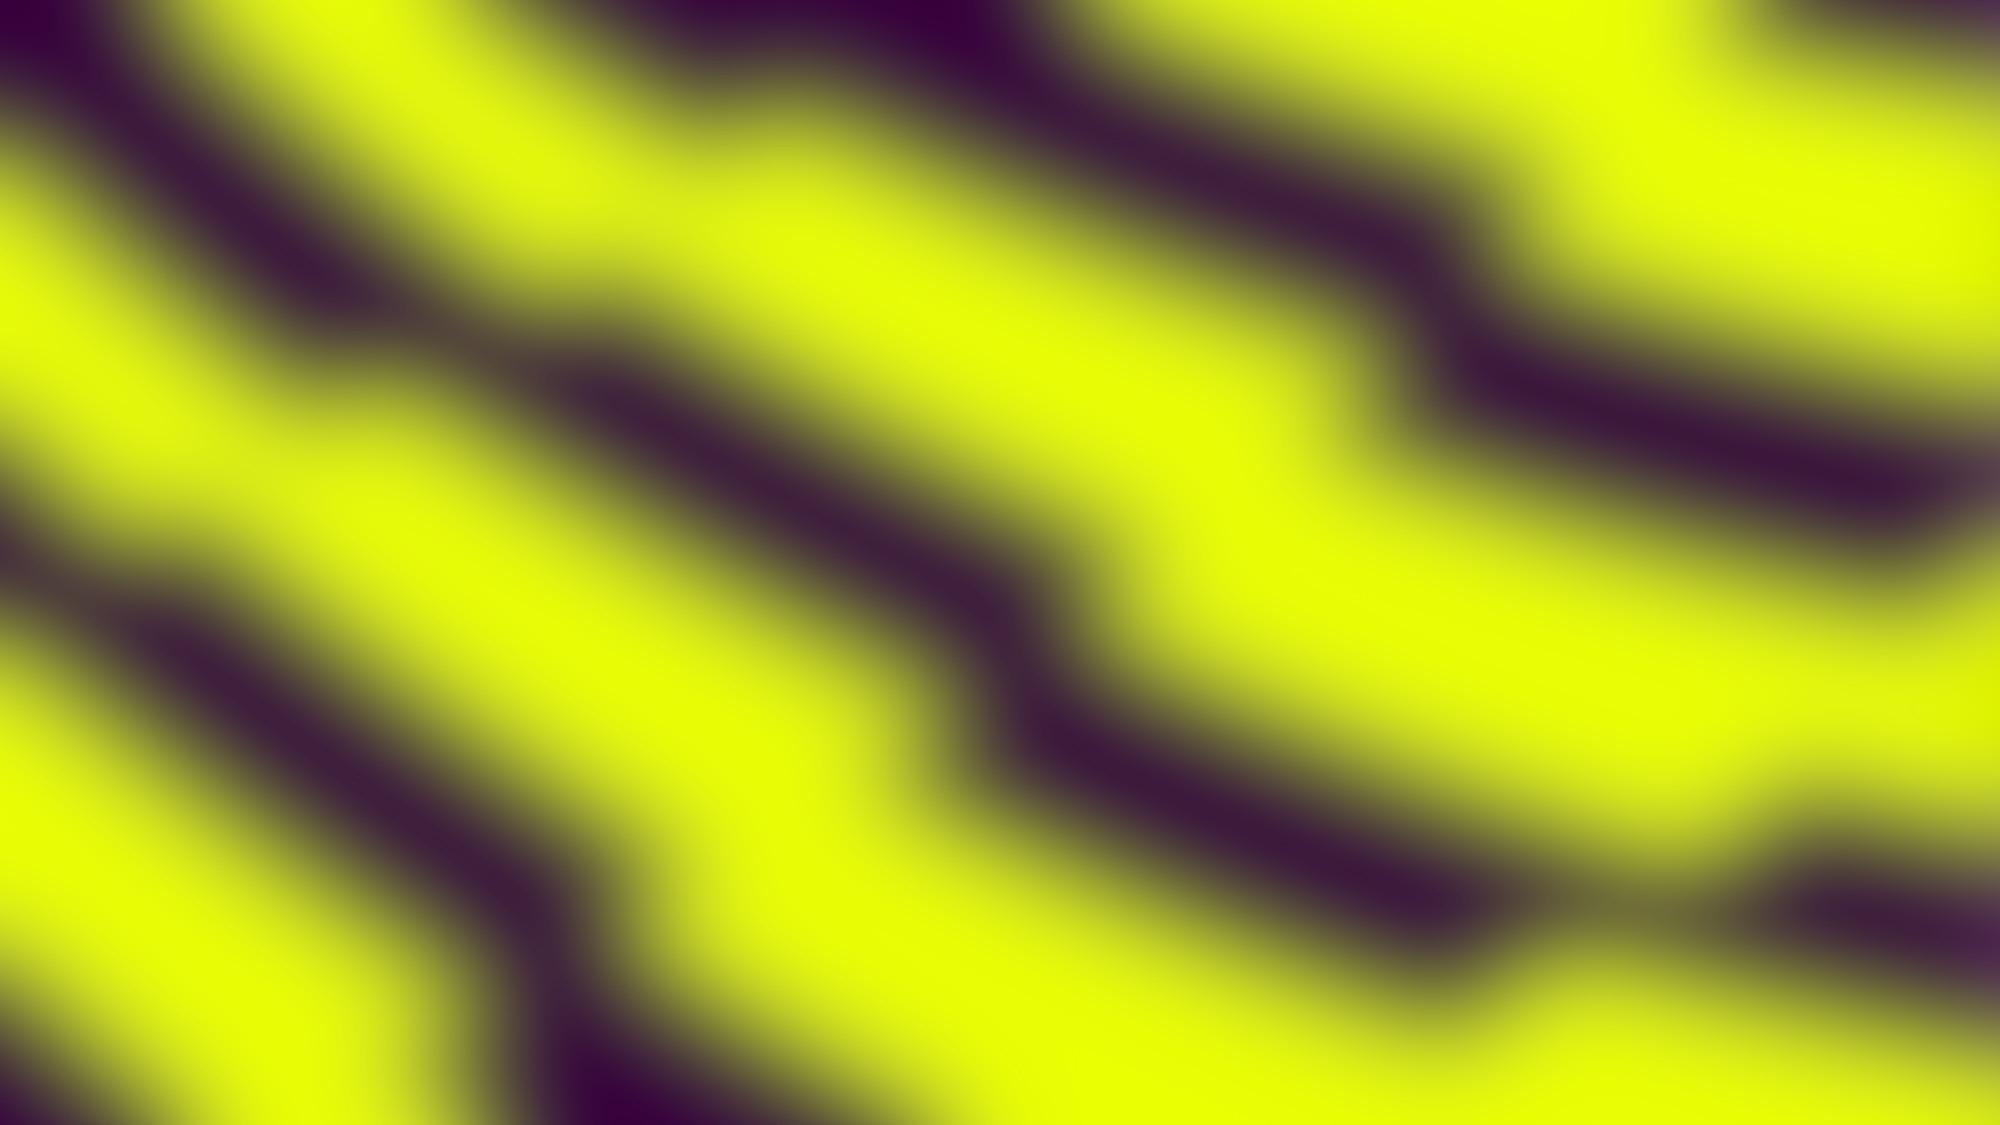 Design Studio PL LIP 2 autocompressfitresizeixlibphp 1 1 0max h2000max w3 D2000q80sd1ae9afb9207086733d0dcd862b27c31